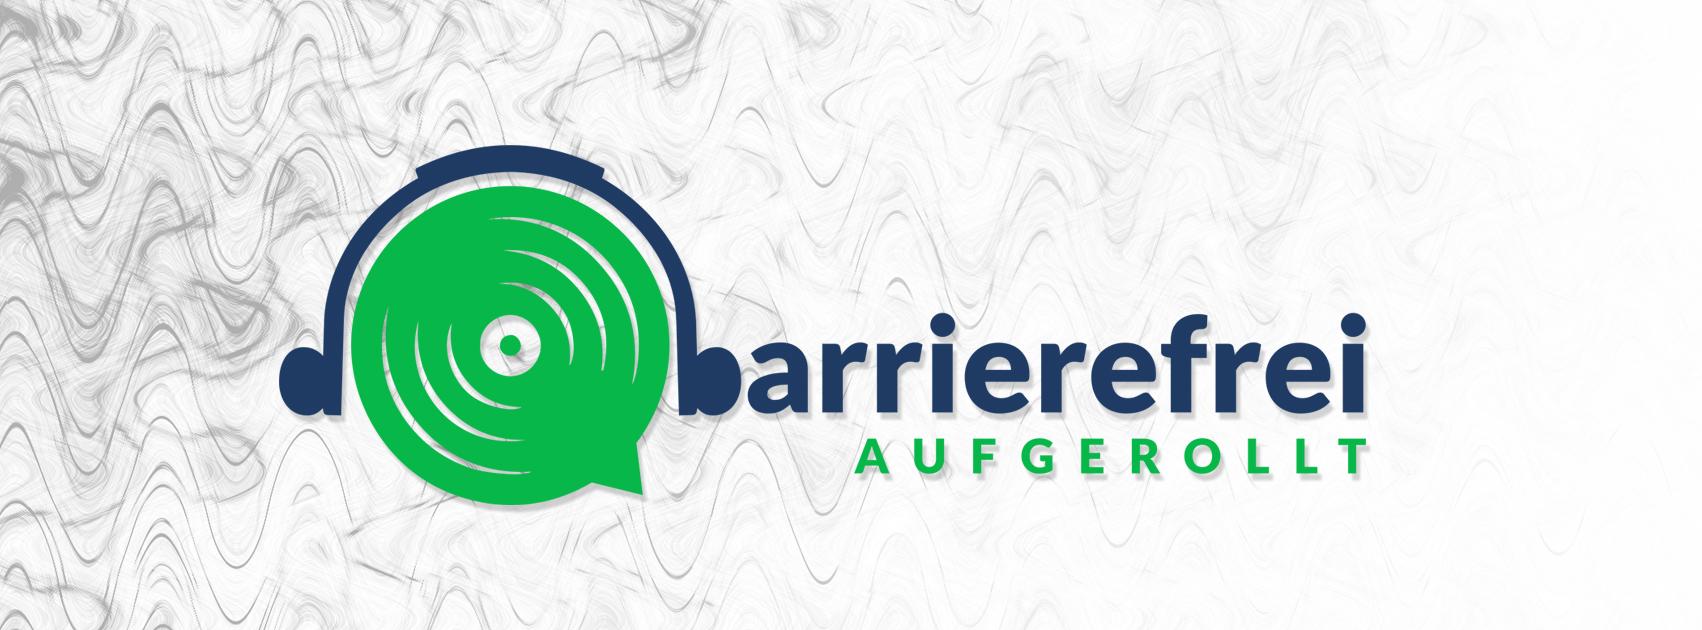 Logo barrierefrei aufgerollt. Ein blauer Kopfhörer der auf einer grünen Lautsprechermembran sitz. Daneben steht barrierefrei aufgerollt